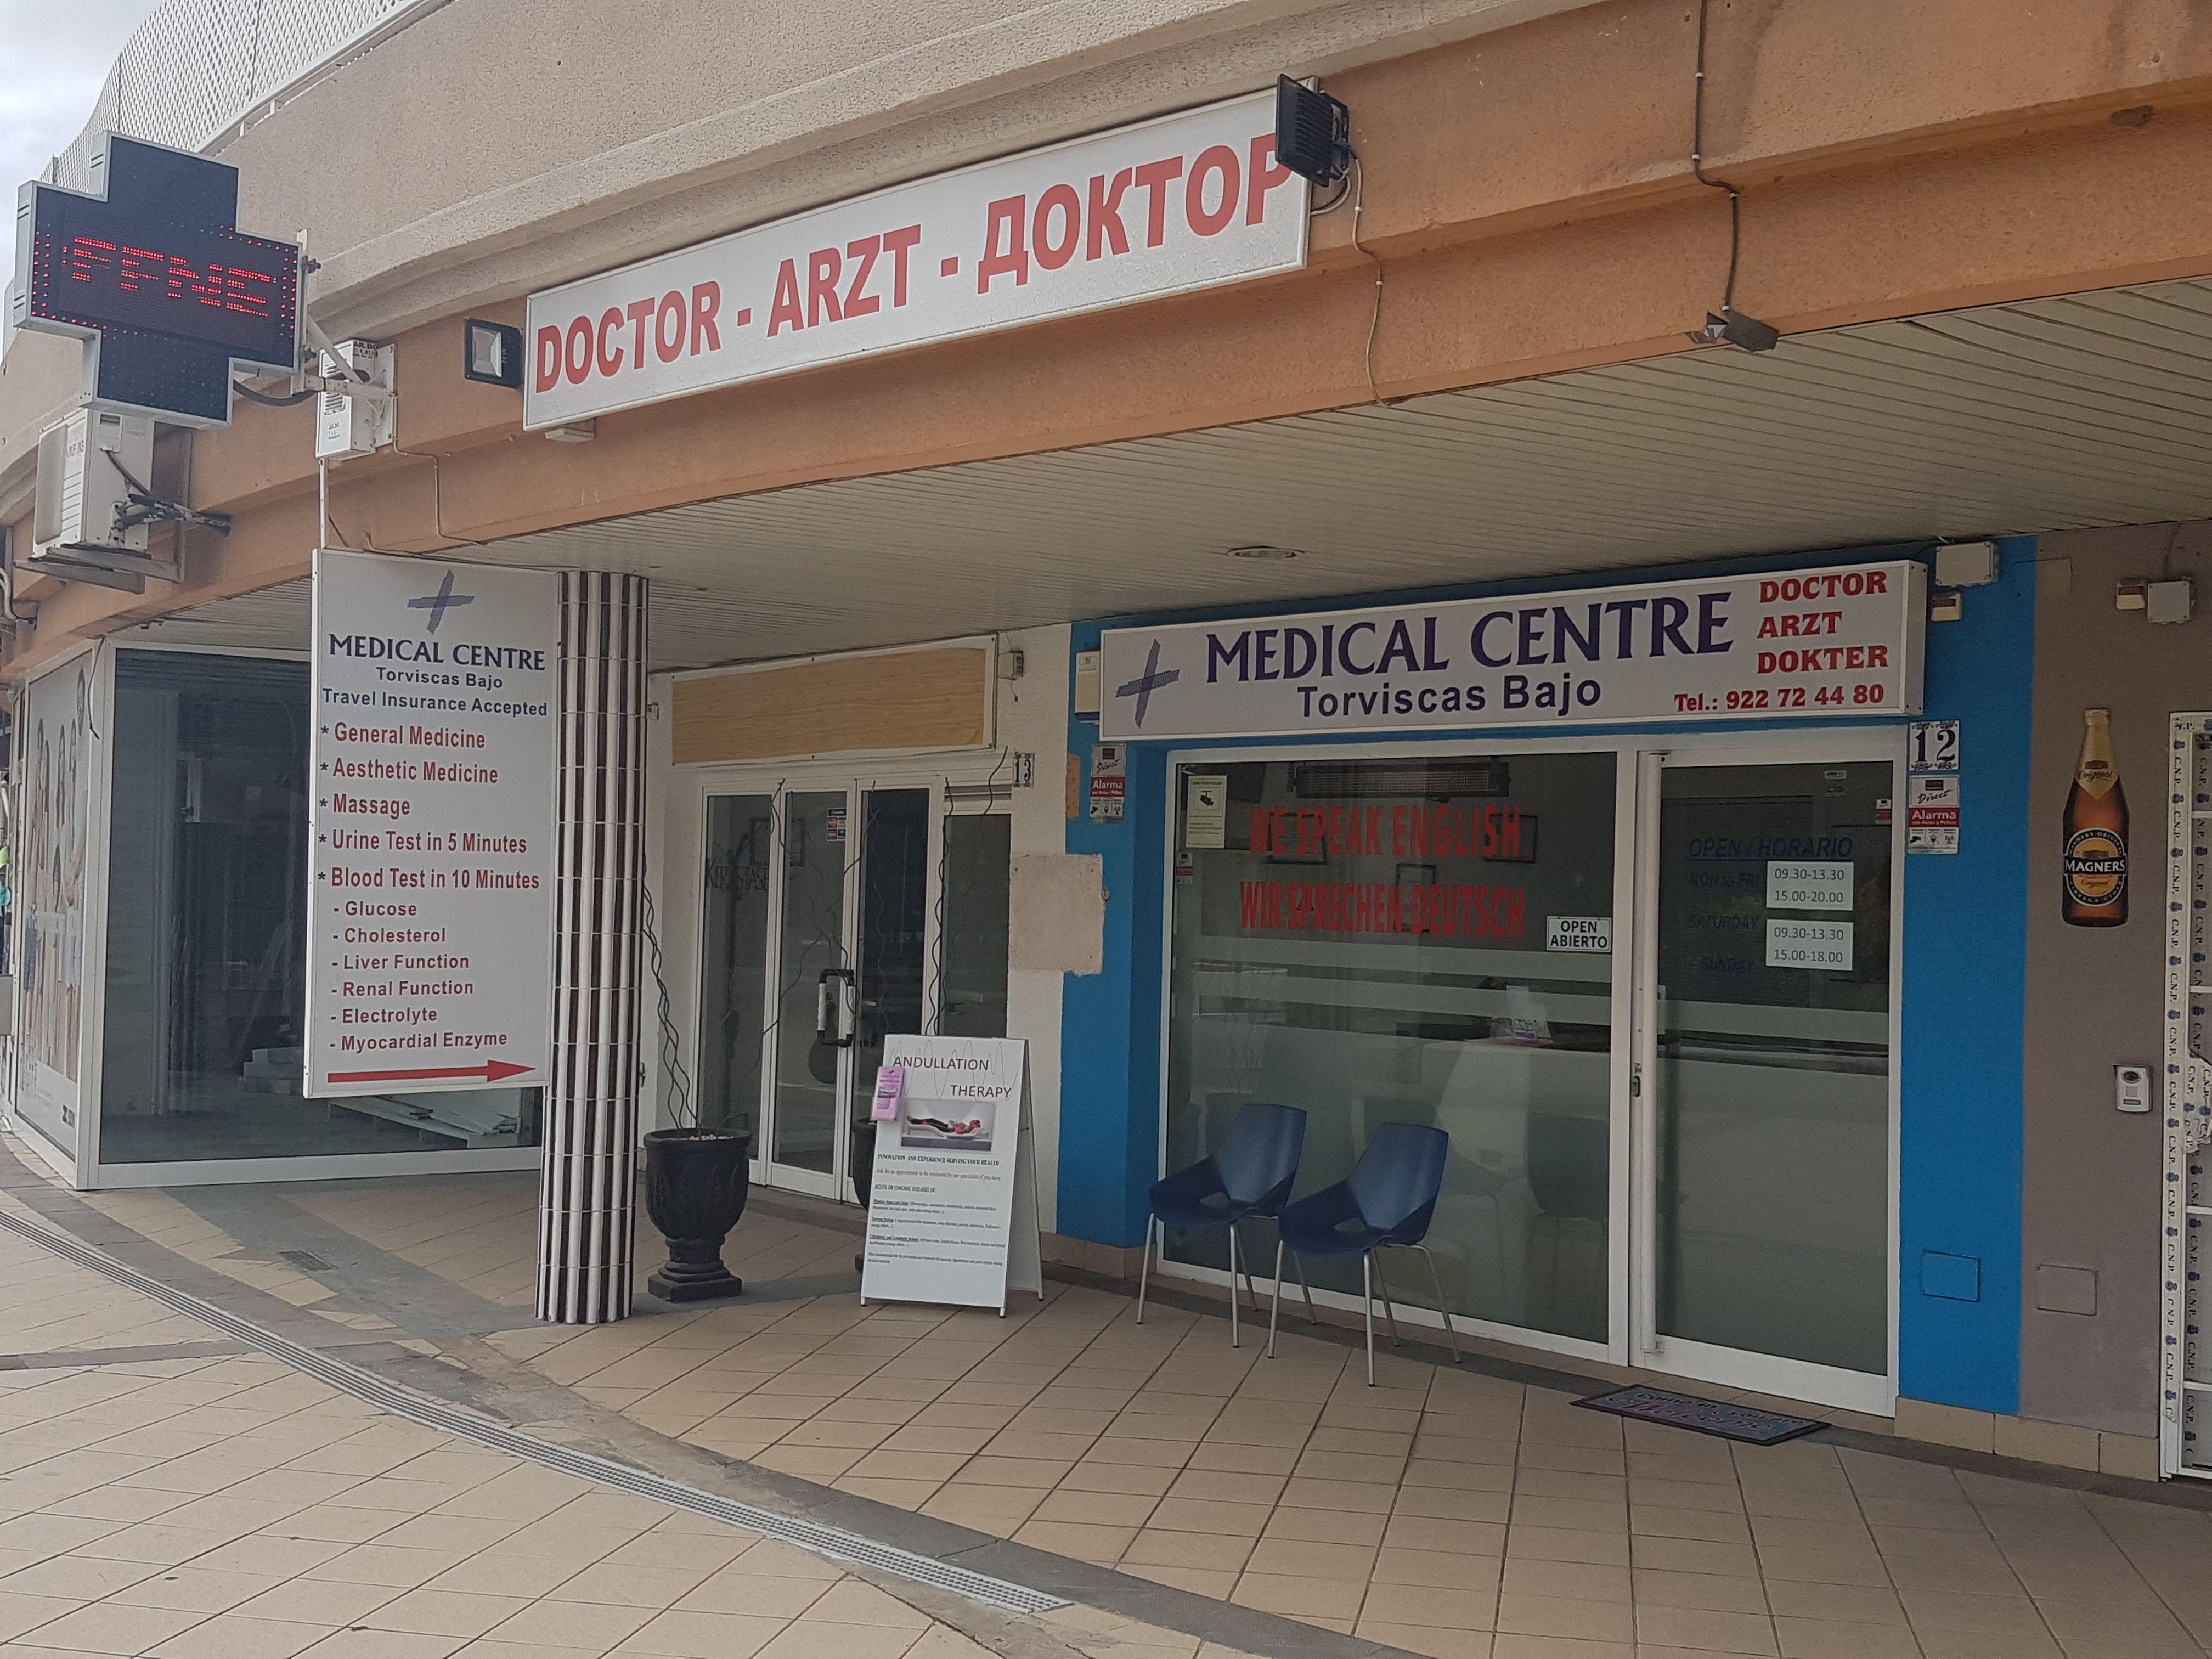 Medical centre in Adeje